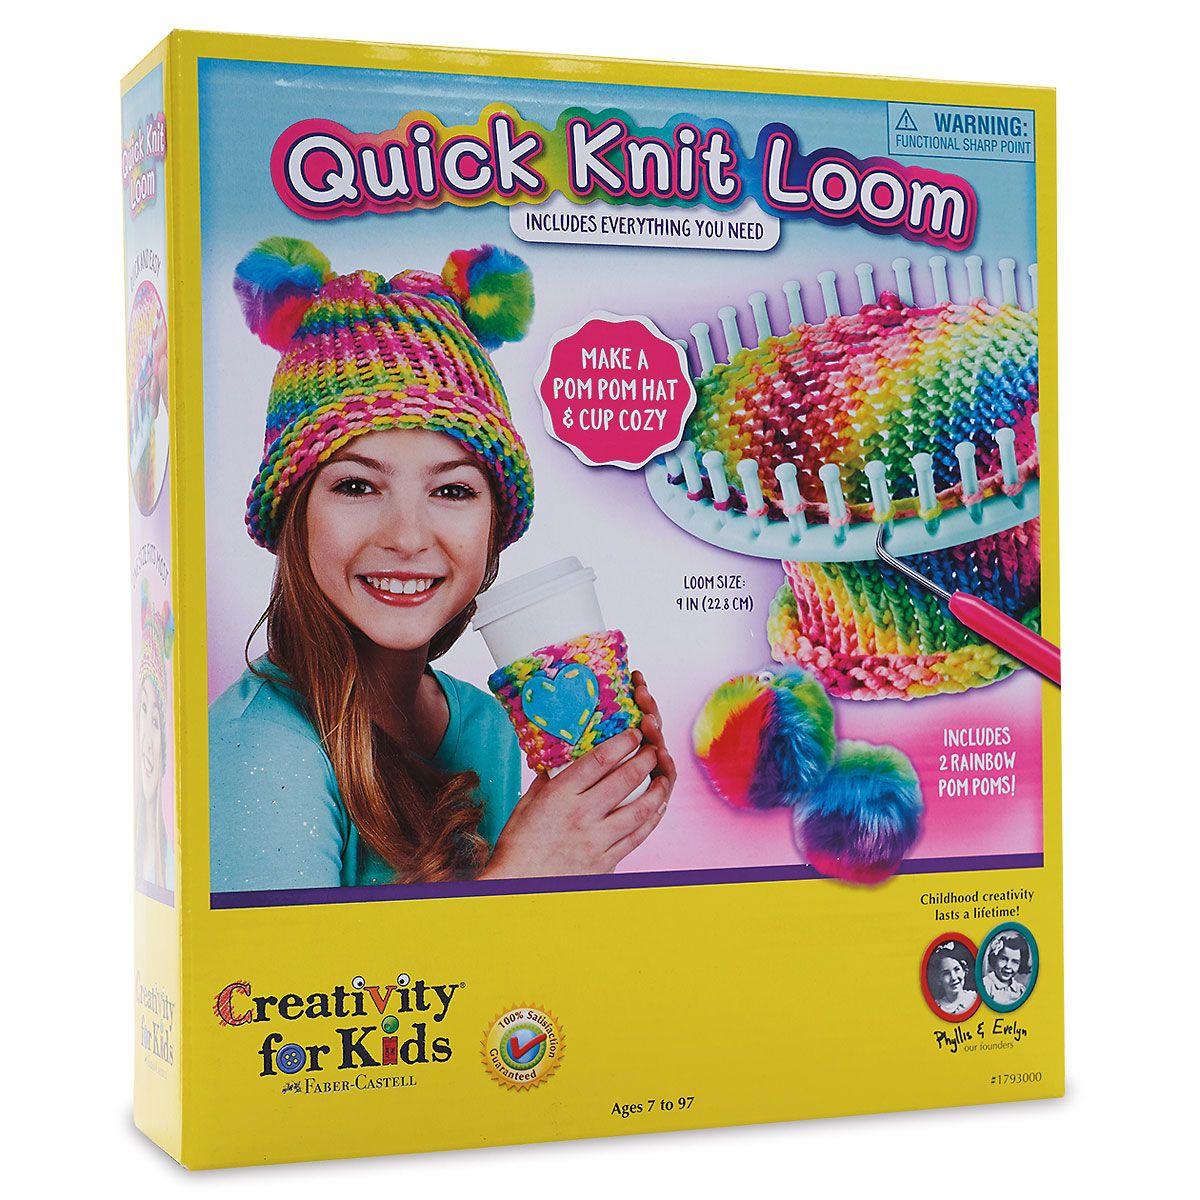 Quick Knit Loom Kit